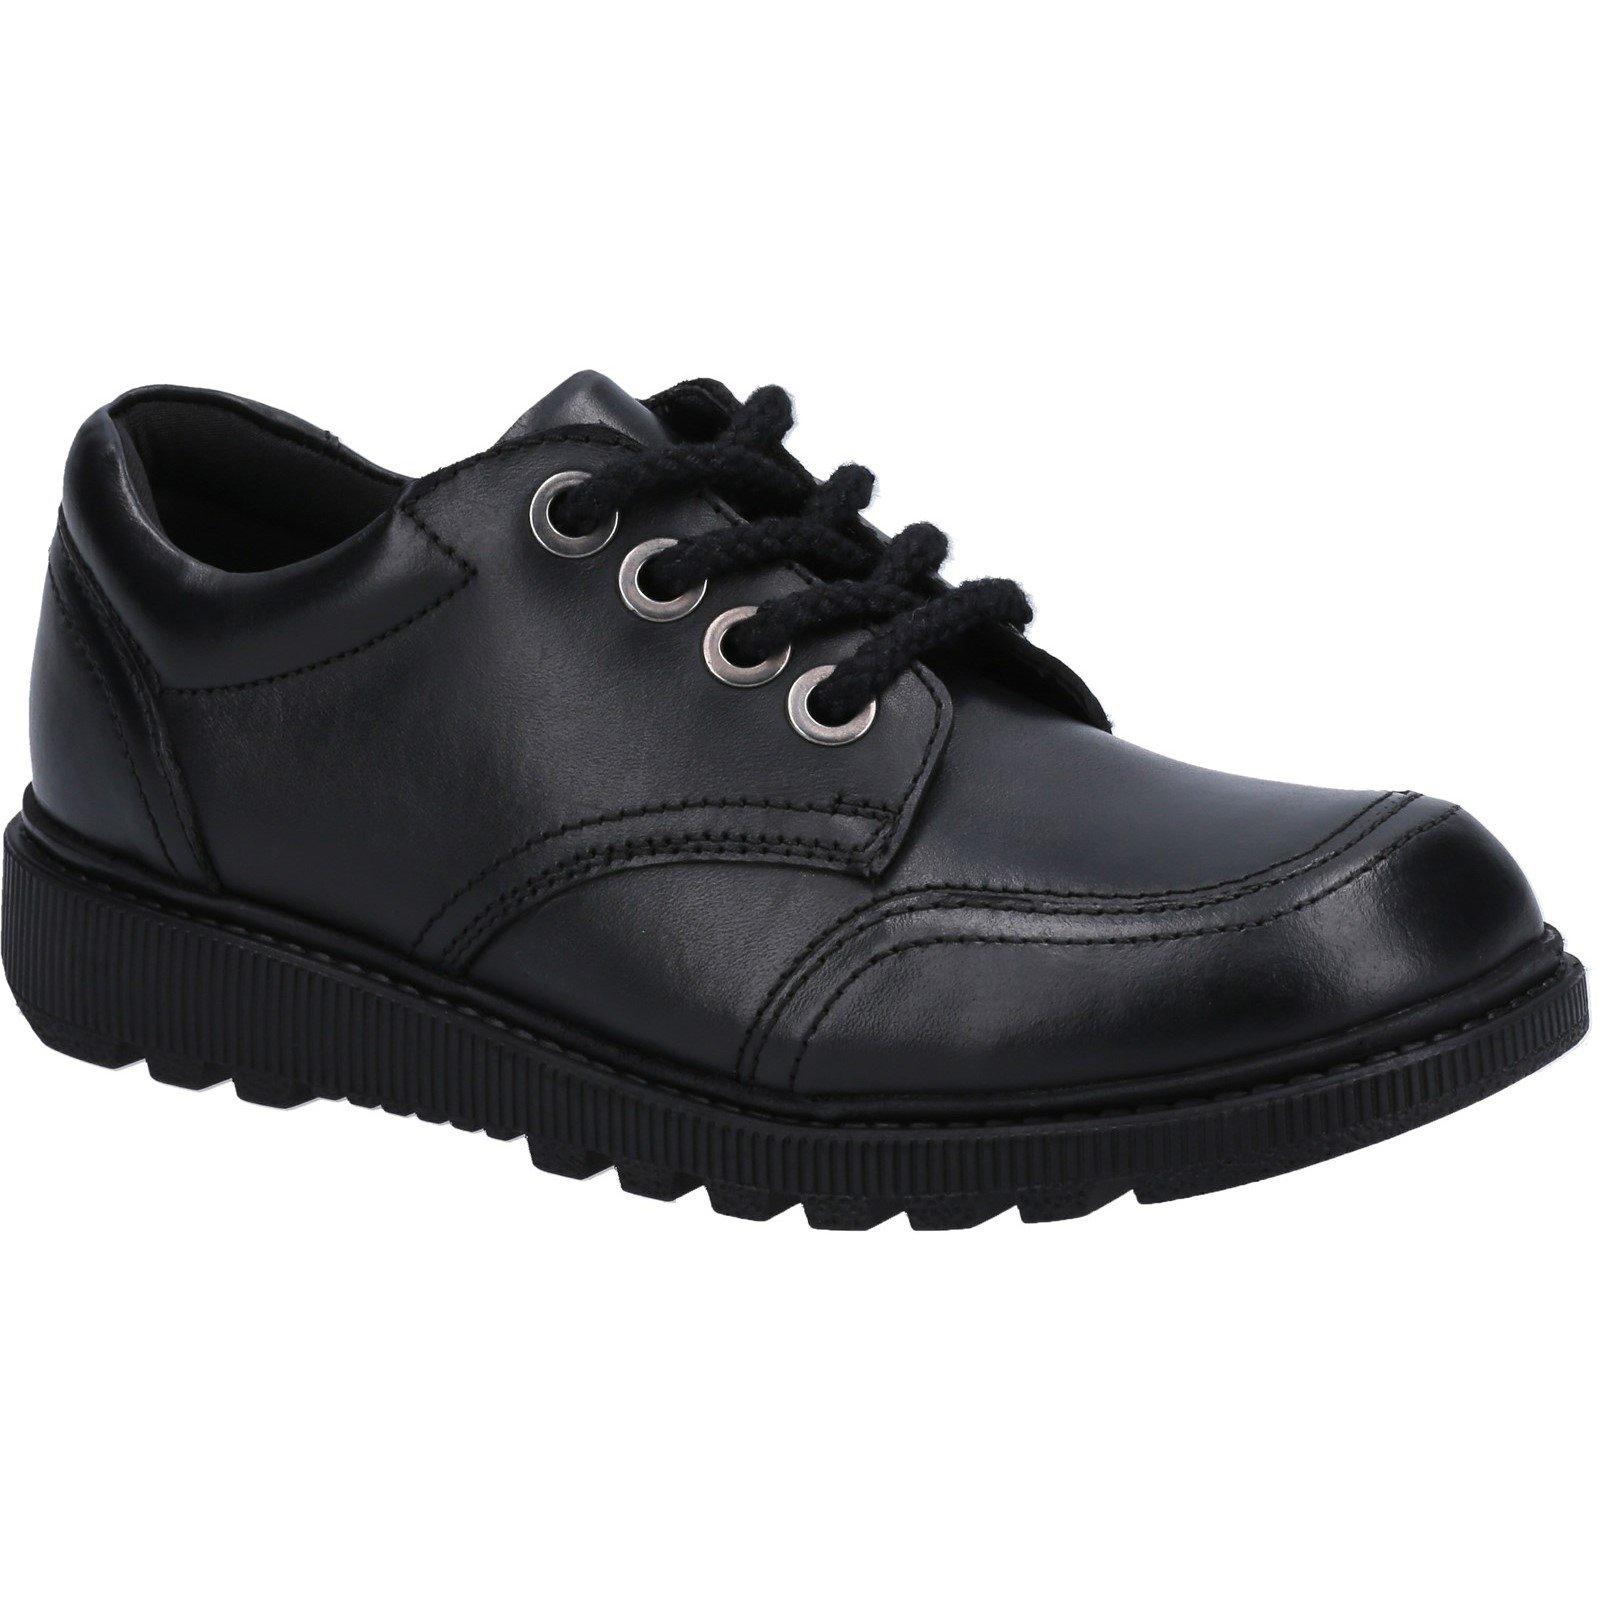 Hush Puppies Kid's Kiera Senior School Shoe Black 30822 - Black 4